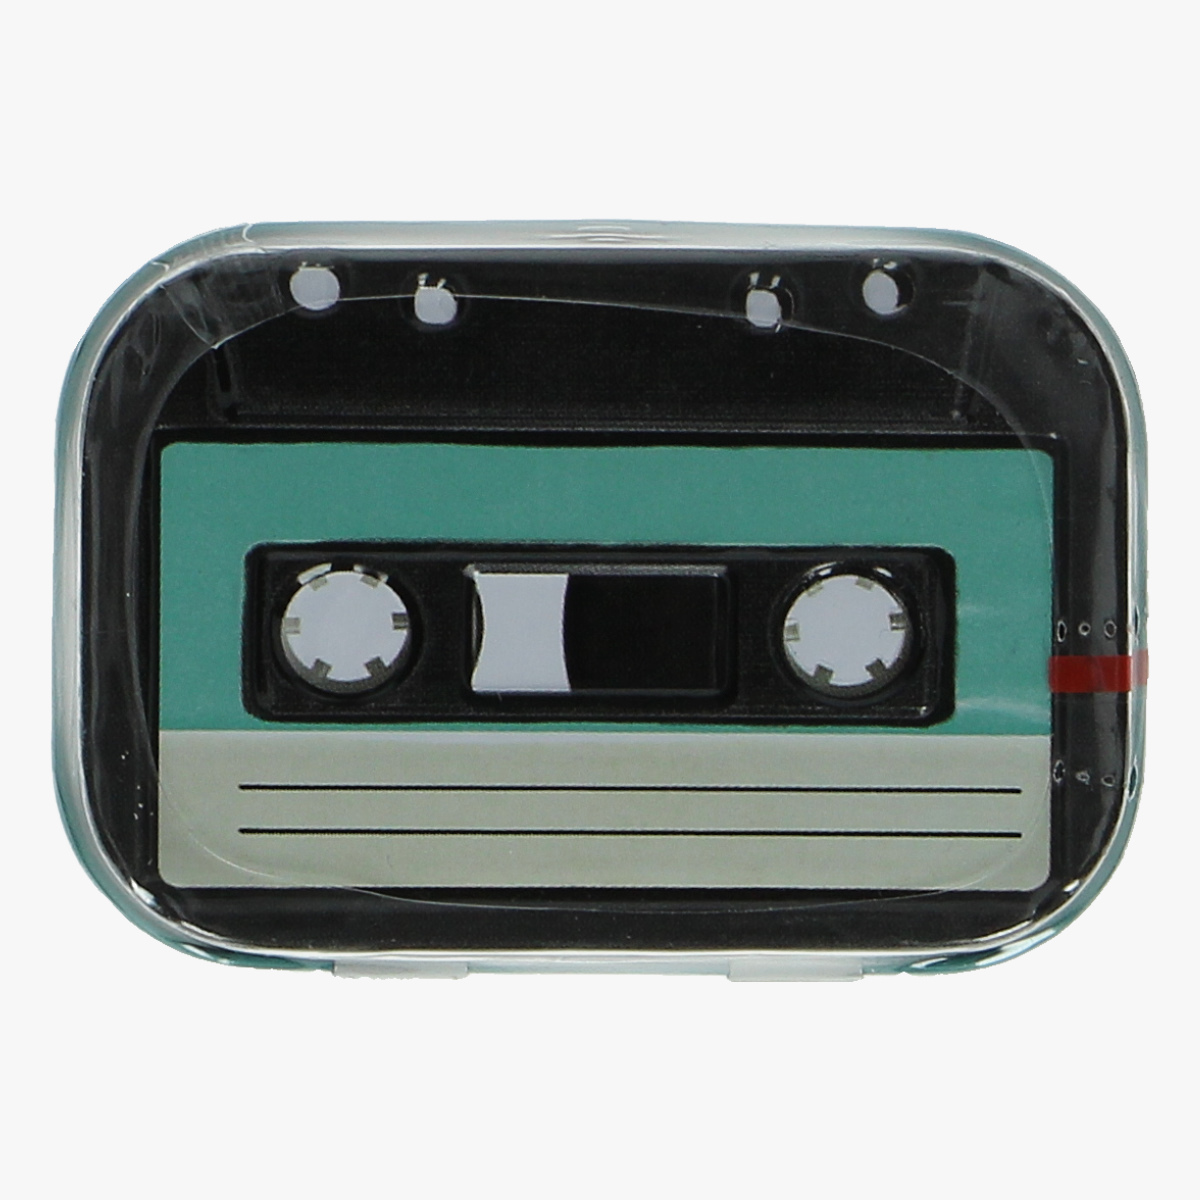 Afbeeldingen van blikken doosje suiker vrije mint snoepjes cassette